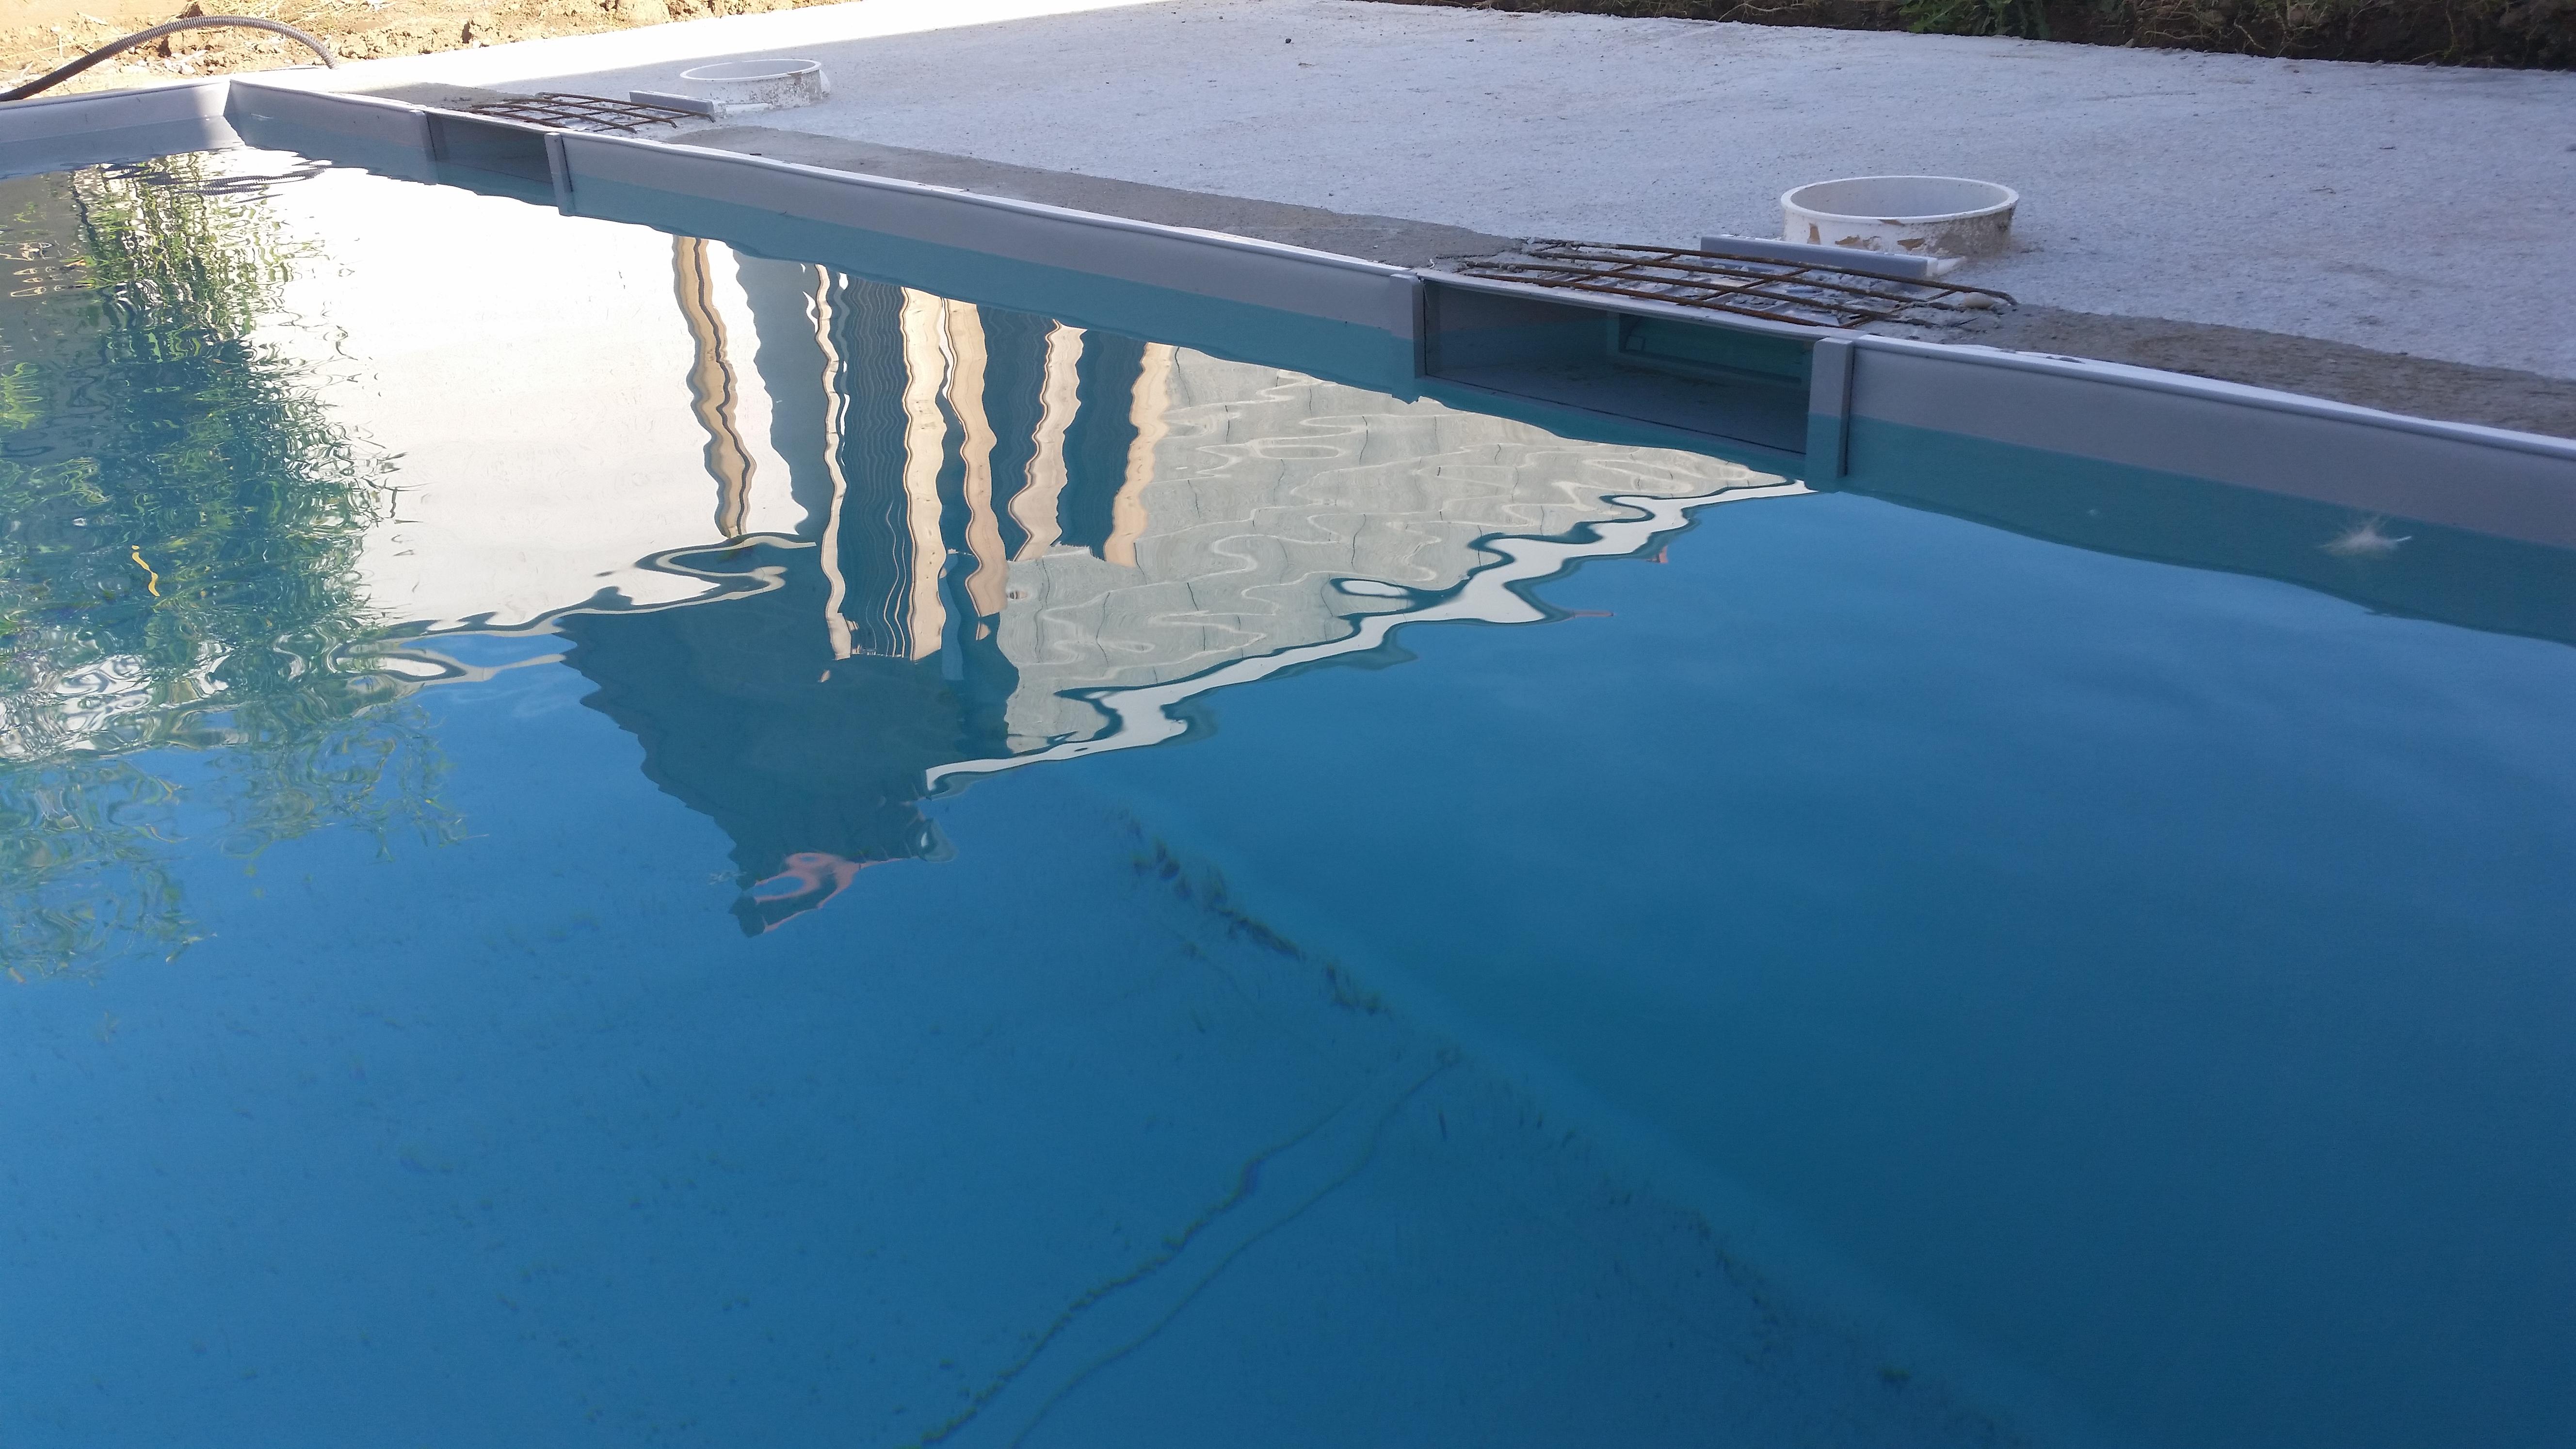 Positionnement sur bassin neuf pvc gris clair for Piscine avec skimmer miroir